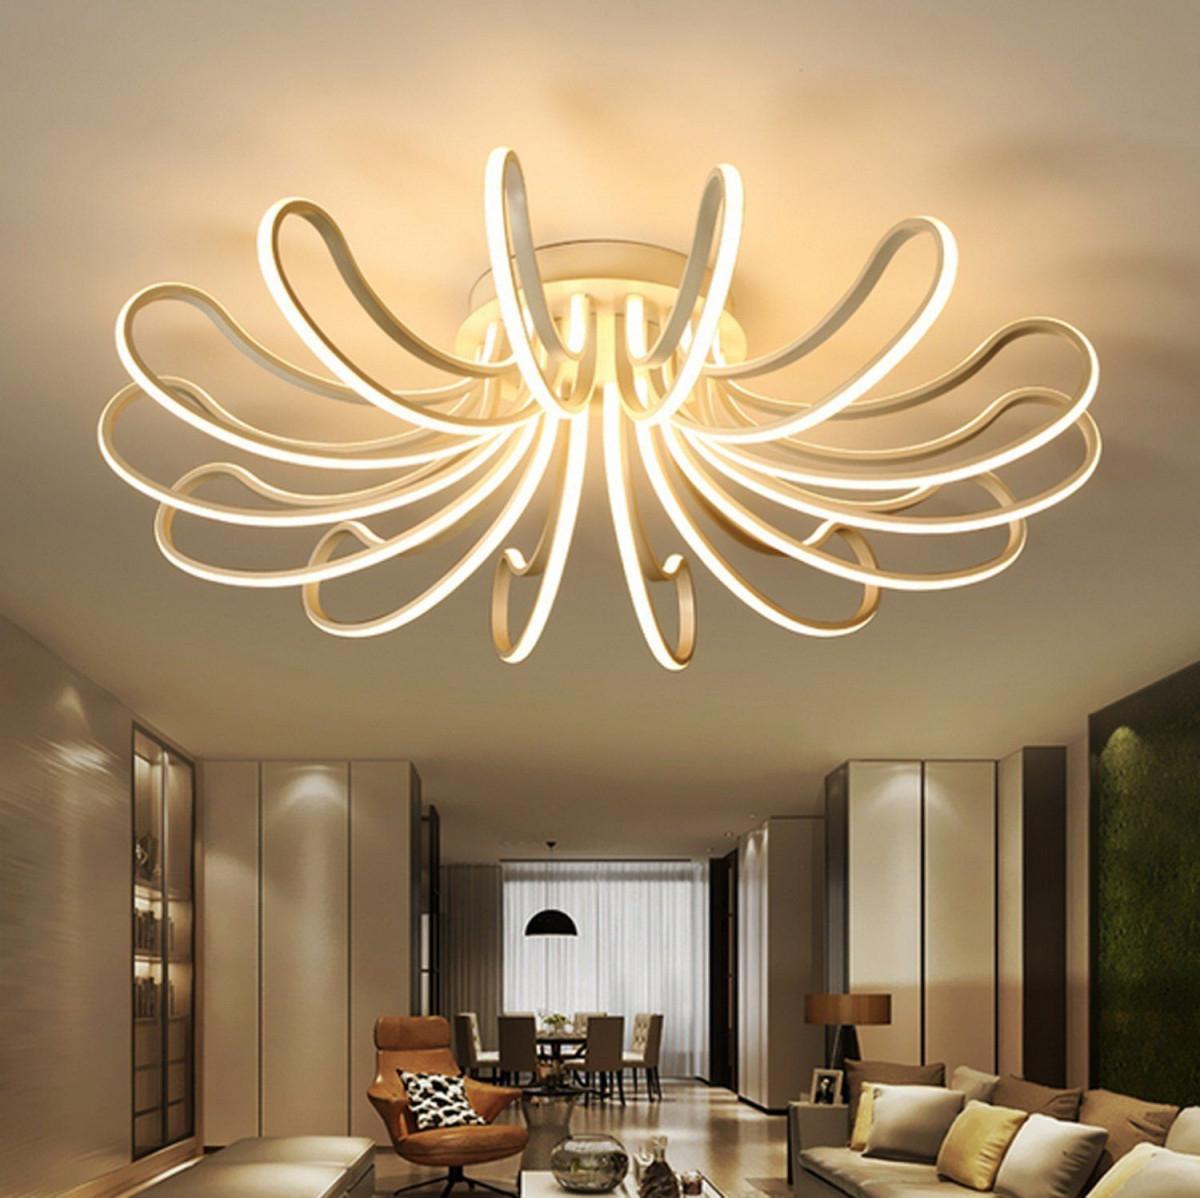 Waineg Designer Moderne Leddeckenleuchten Wohnzimmer von Lampe Led Wohnzimmer Bild